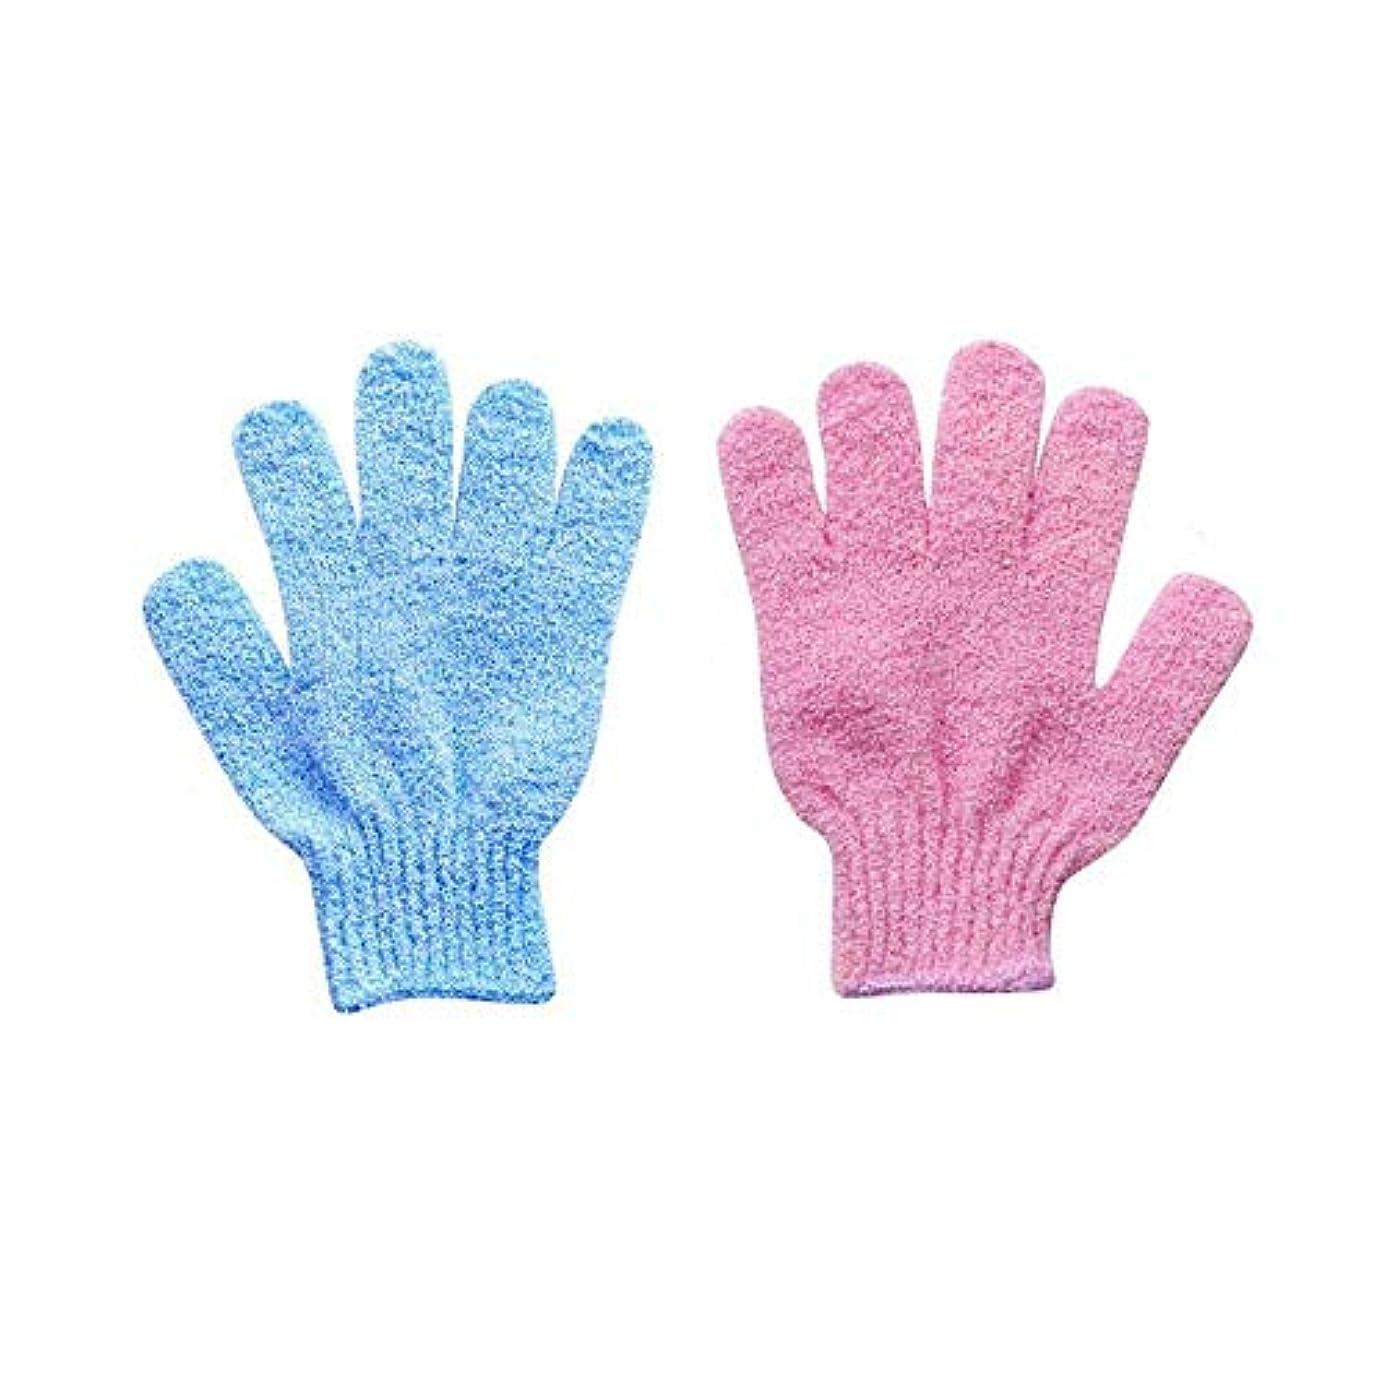 抑圧割れ目反逆お風呂手袋 五本指 シャワーグローブ 泡立ち 柔らかい 入浴用品 角質除去 垢すり 2PCS